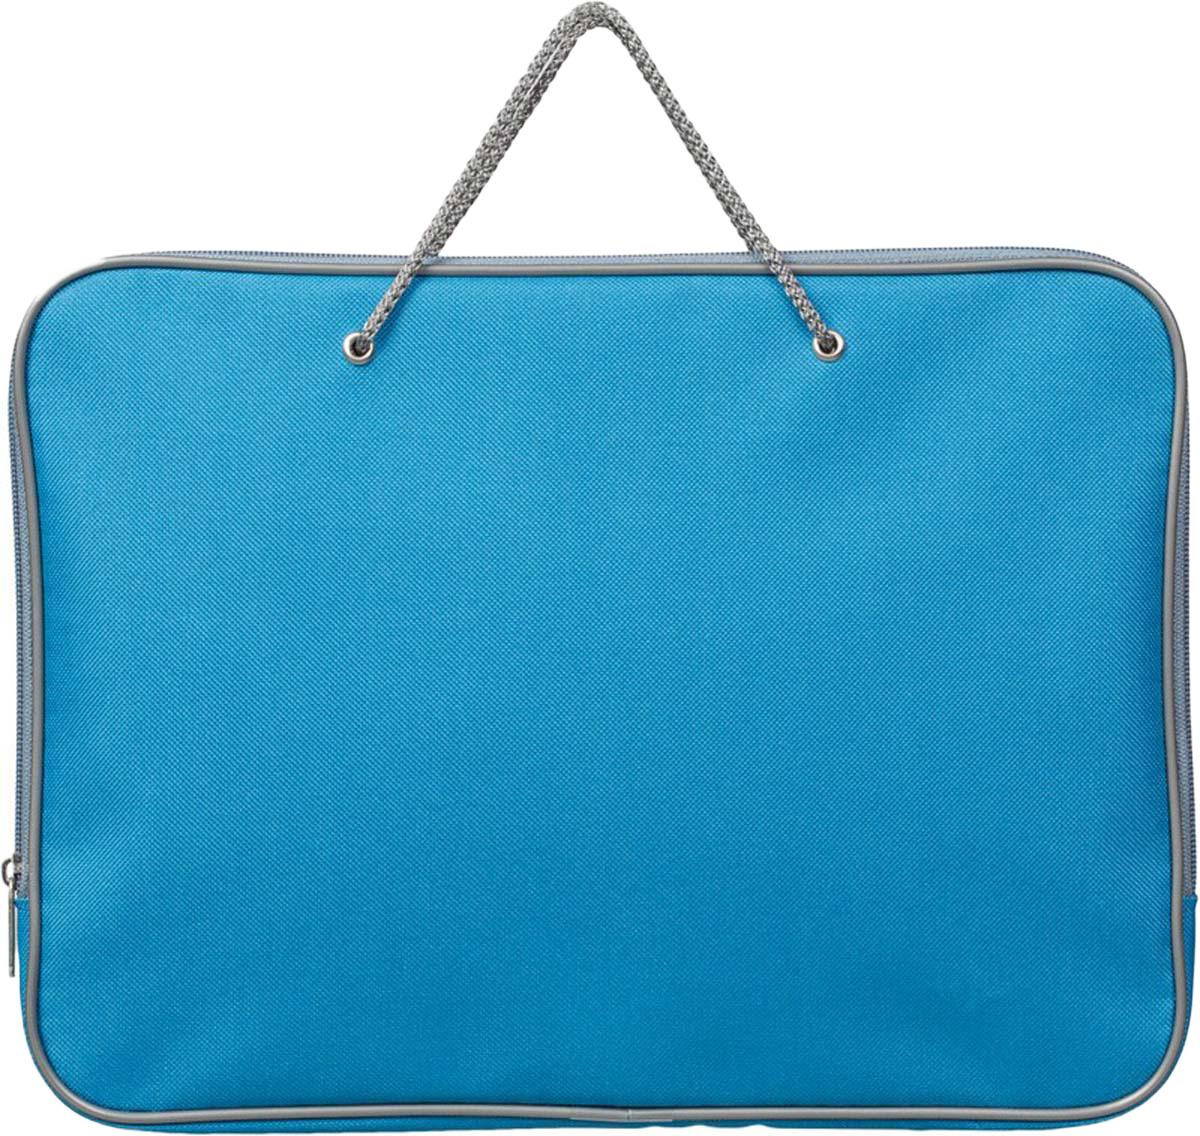 Attache Папка на молнии с ручками А4 цвет голубой -  Папки